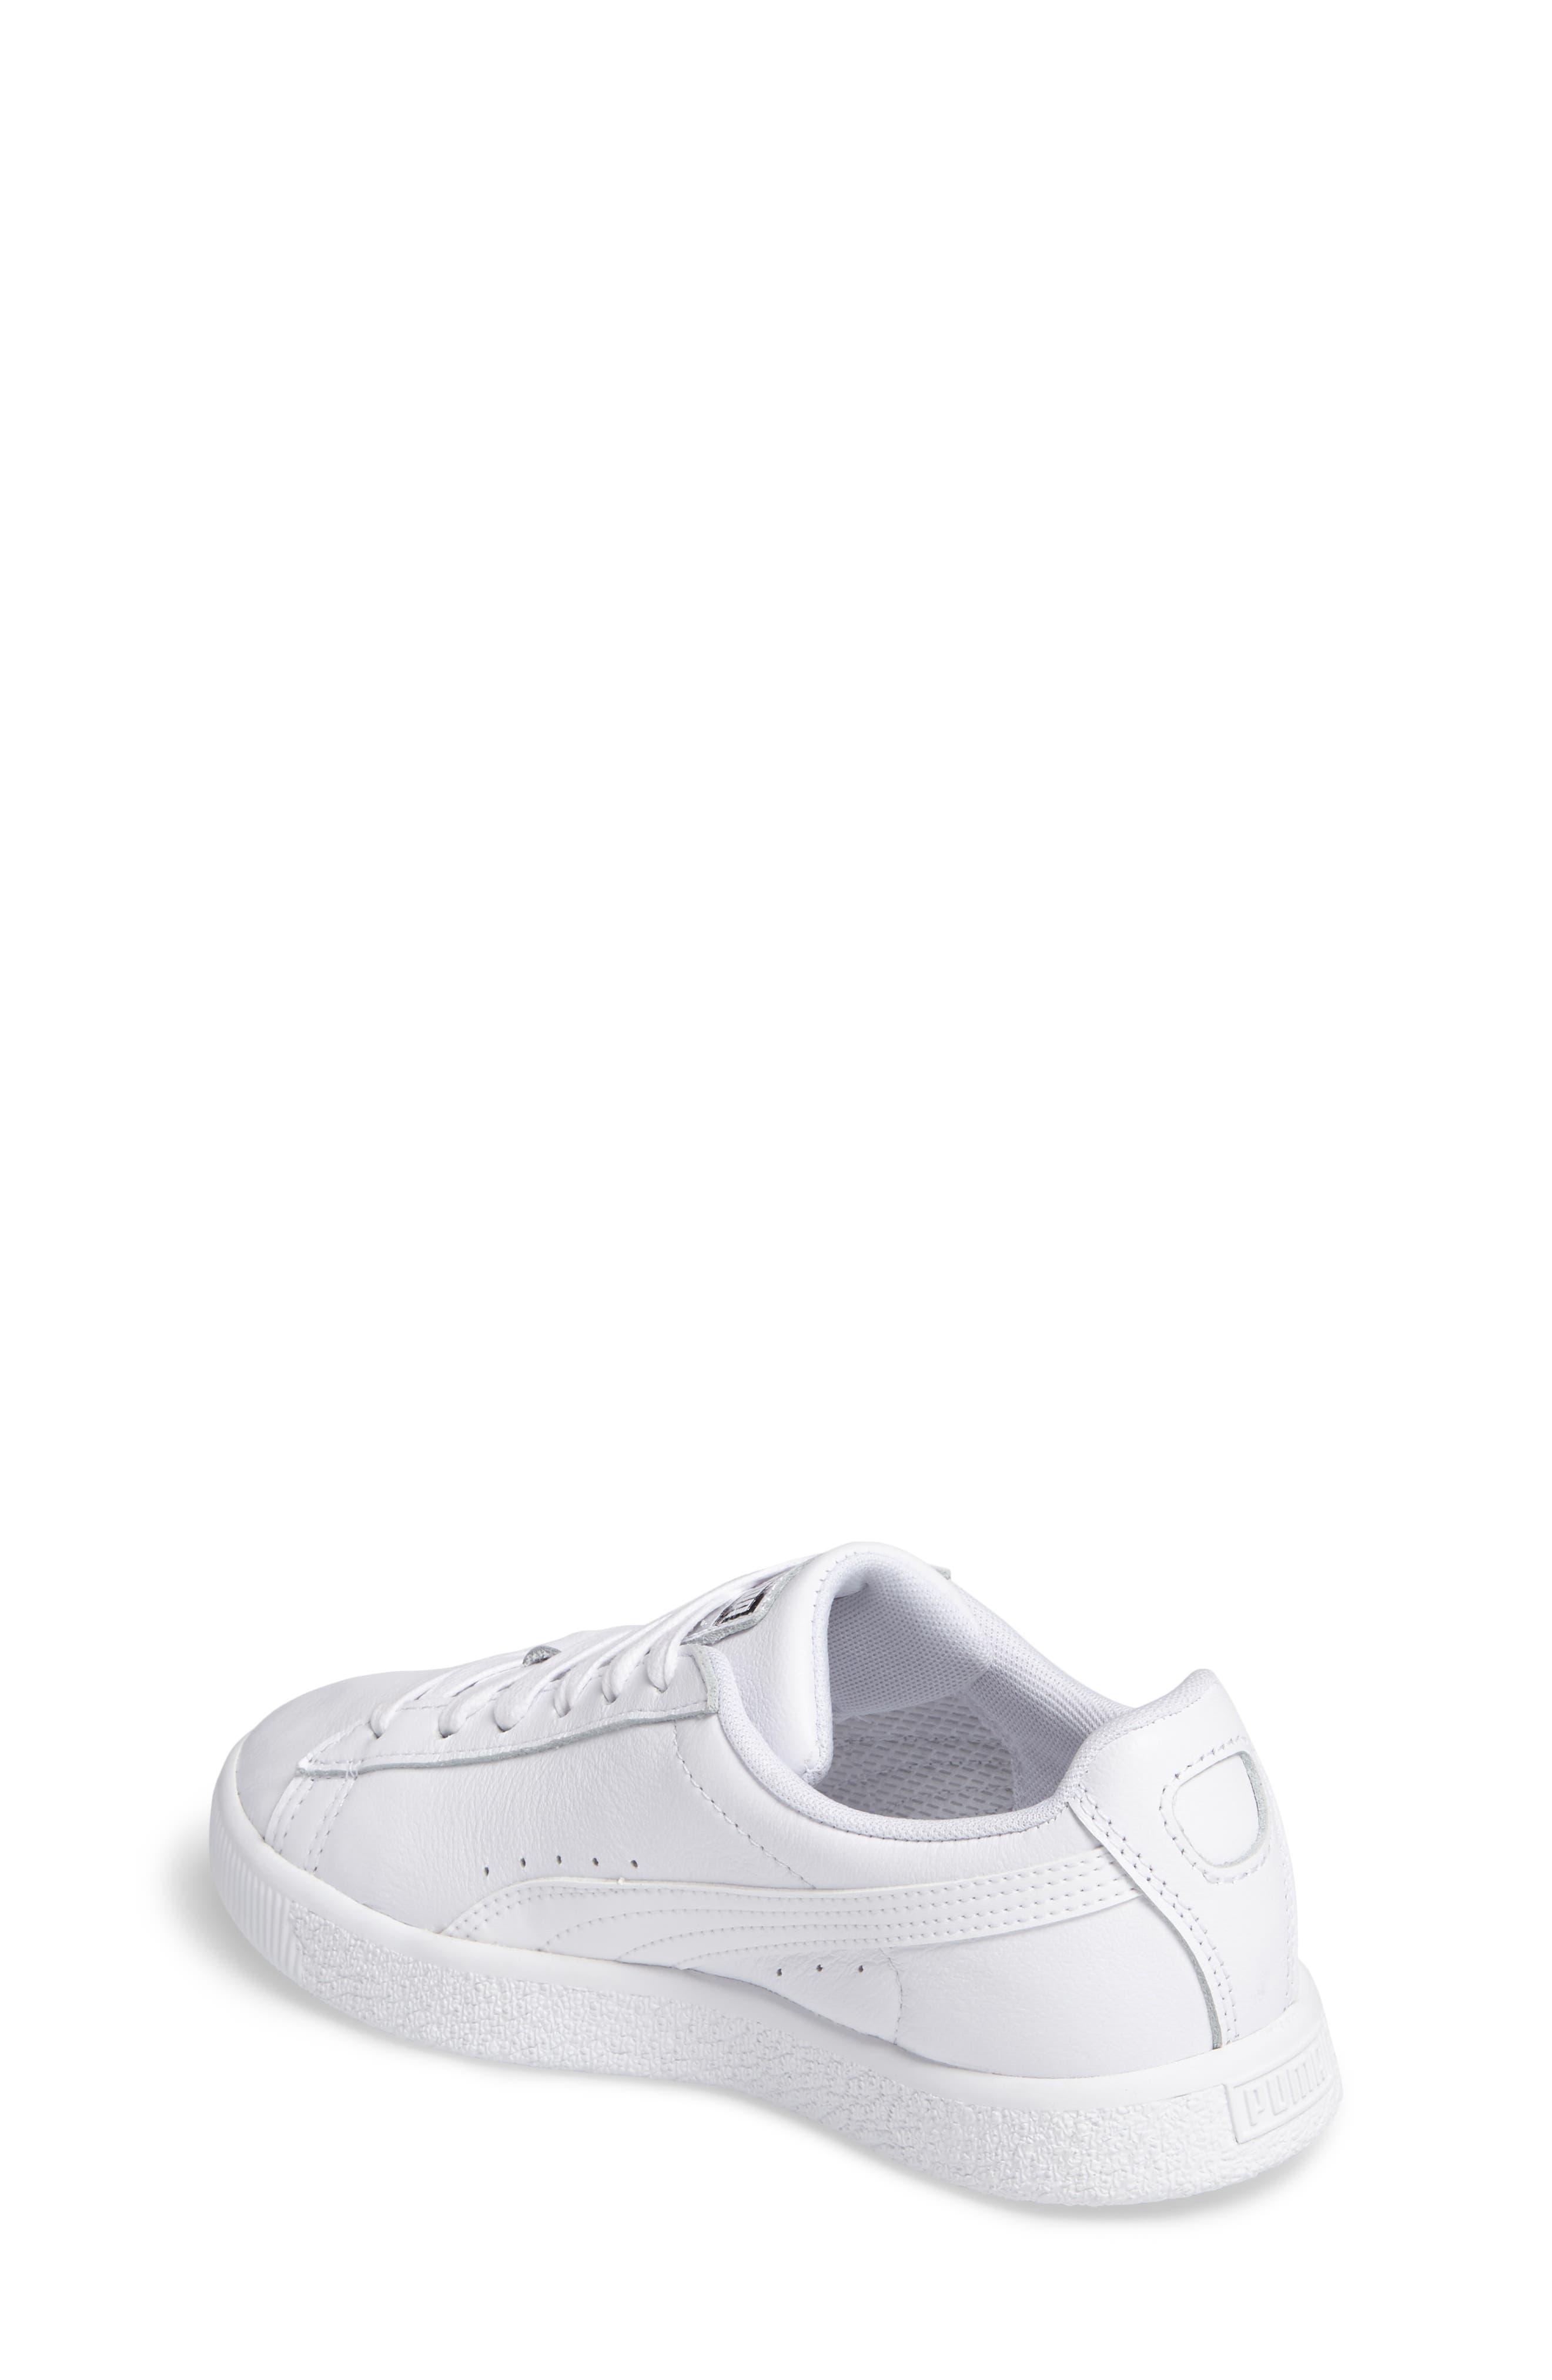 Clyde Core Foil Sneaker,                             Alternate thumbnail 12, color,